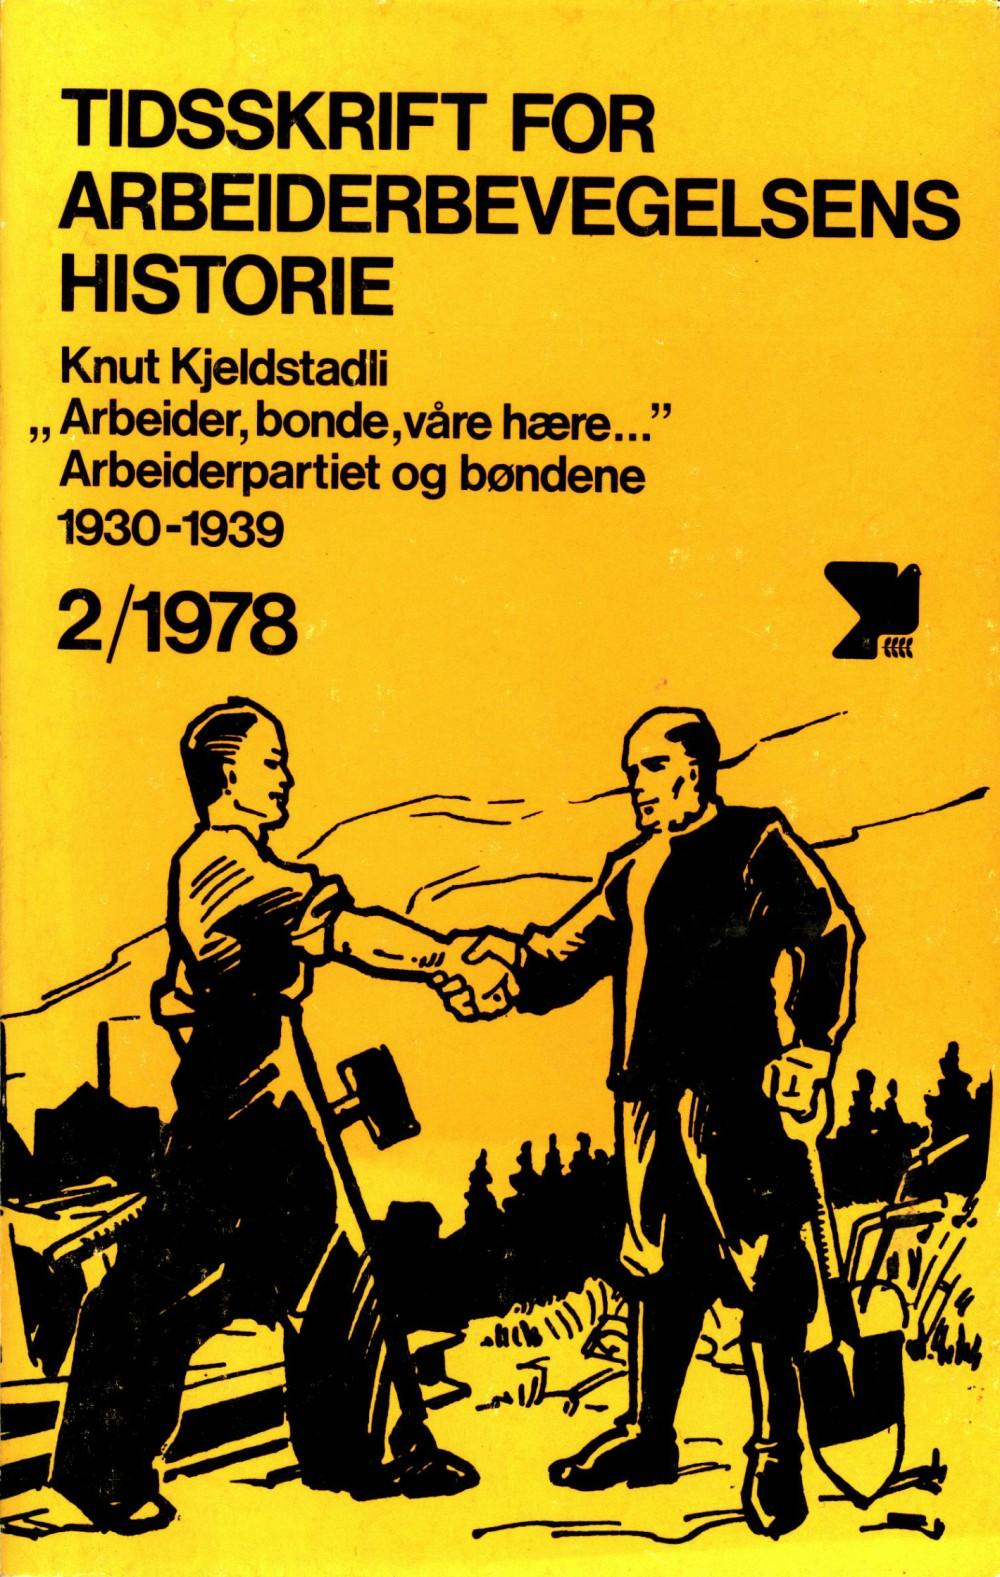 Tidsskrift for arbeiderbevegelsens historie - nr. 2 1978